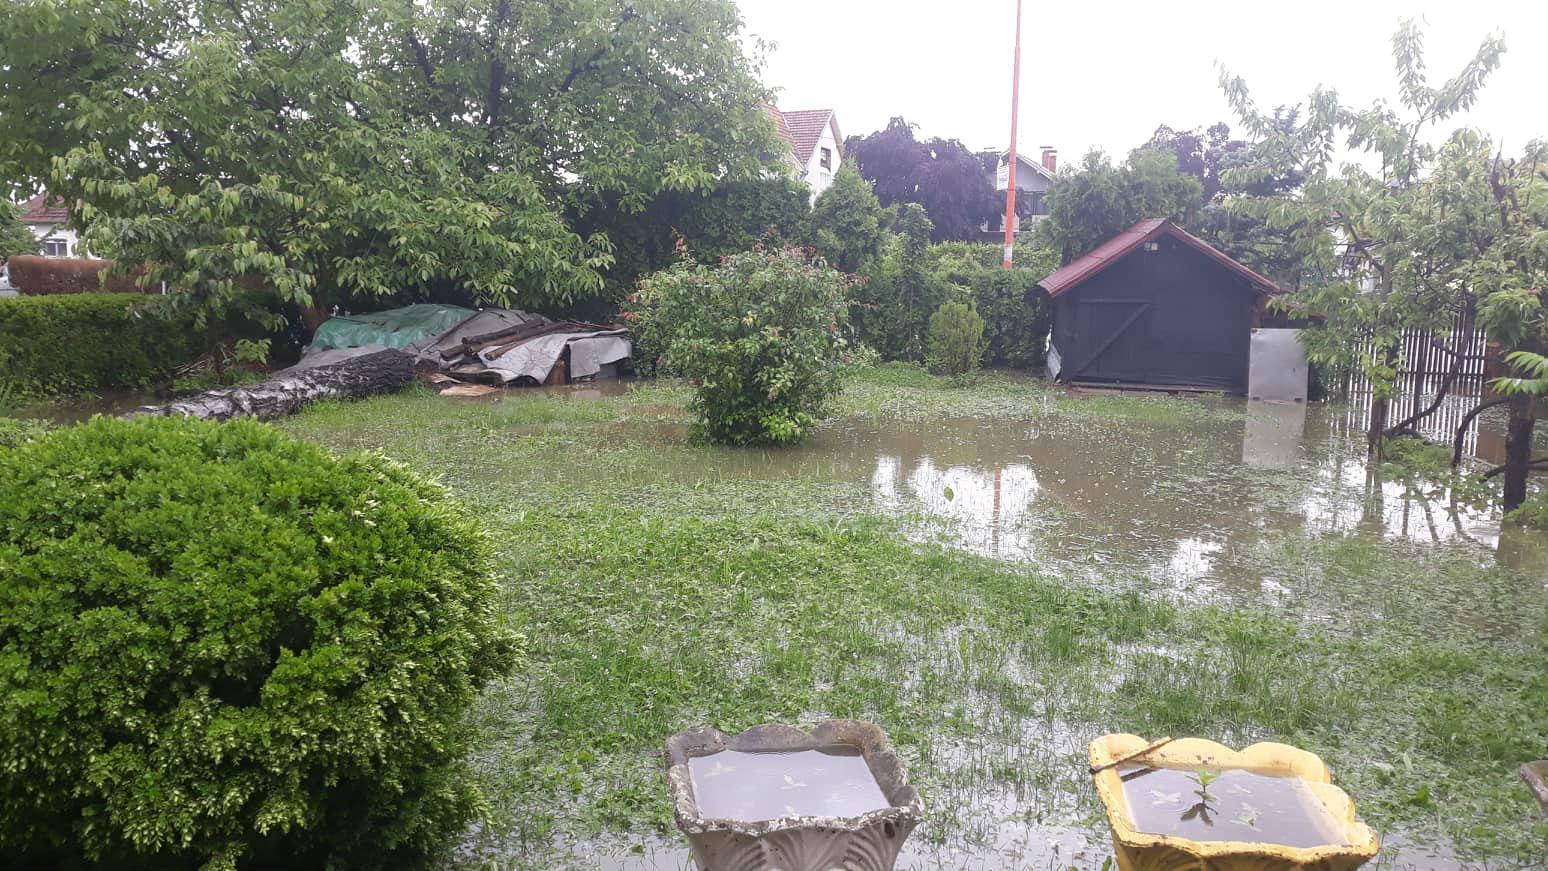 Marić: Voda se povlači, sad aktivnosti za povratak kućama (FOTO) 6